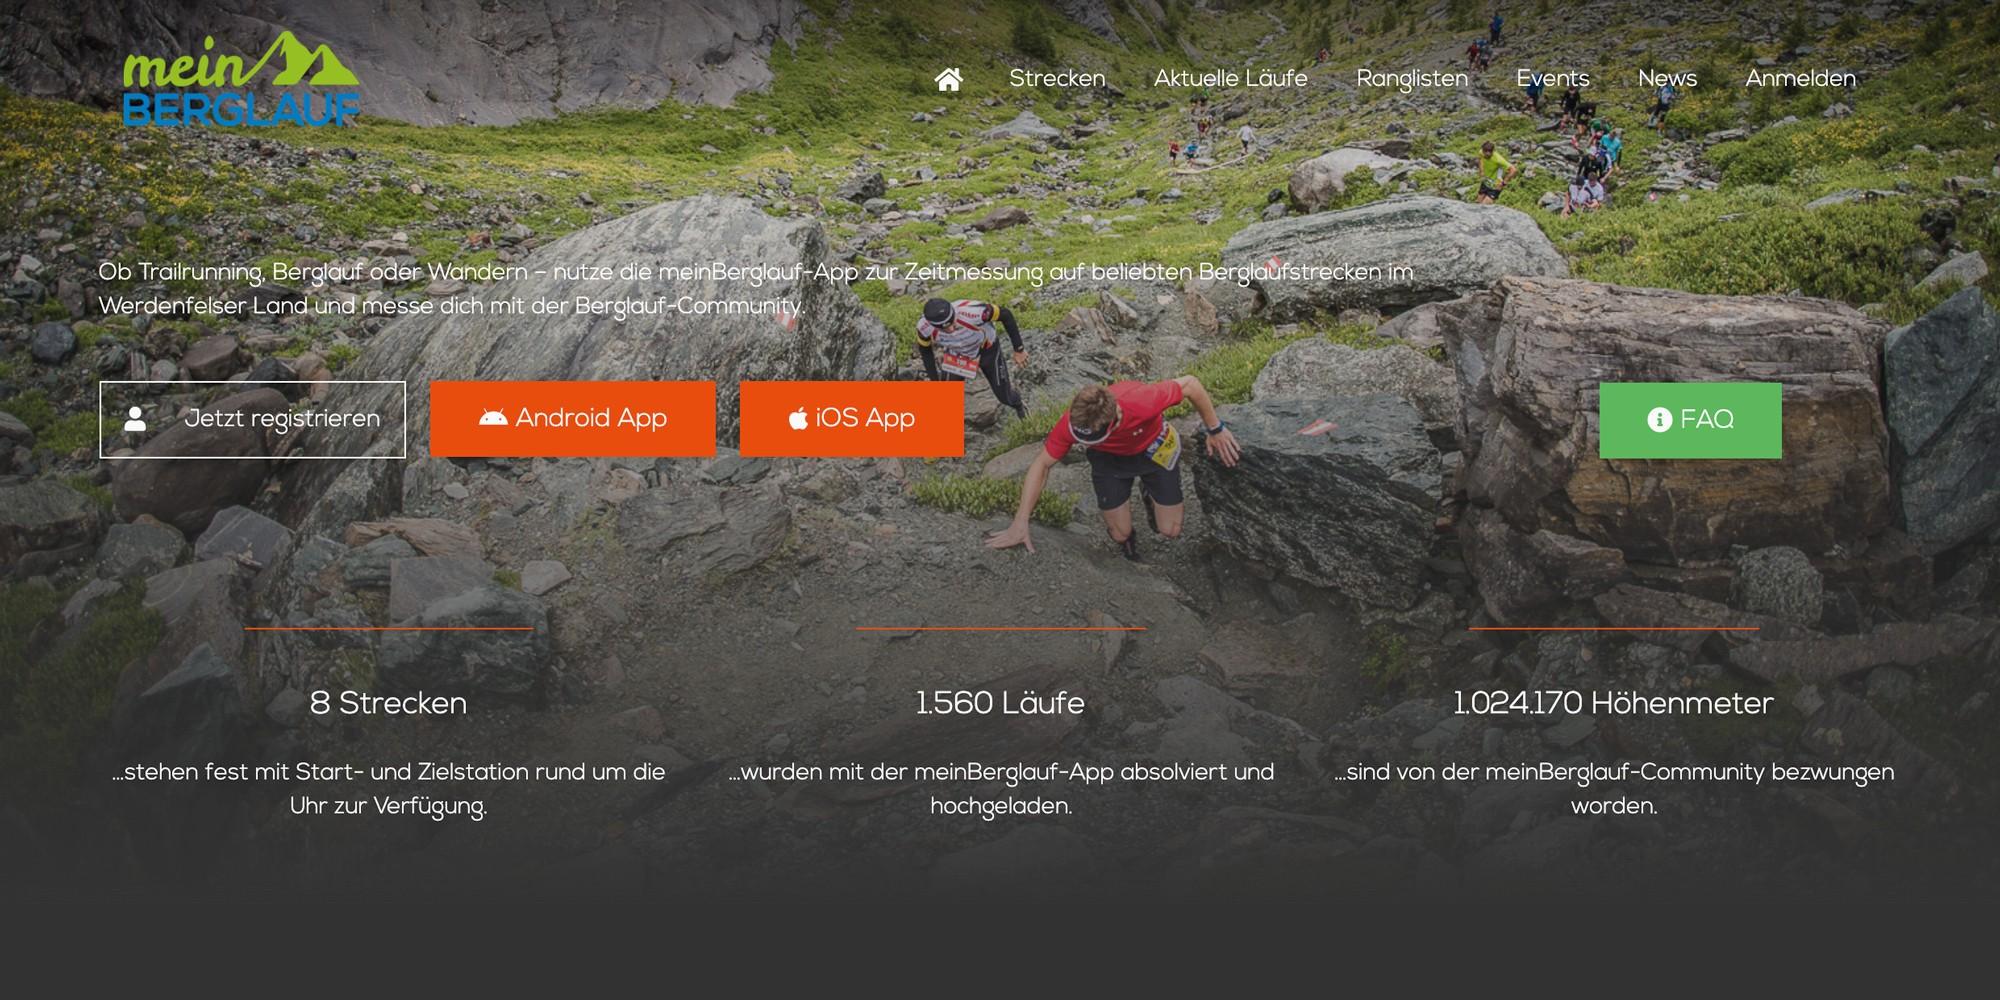 Merlin Rose Webdesign Referenzen - meinBerglauf